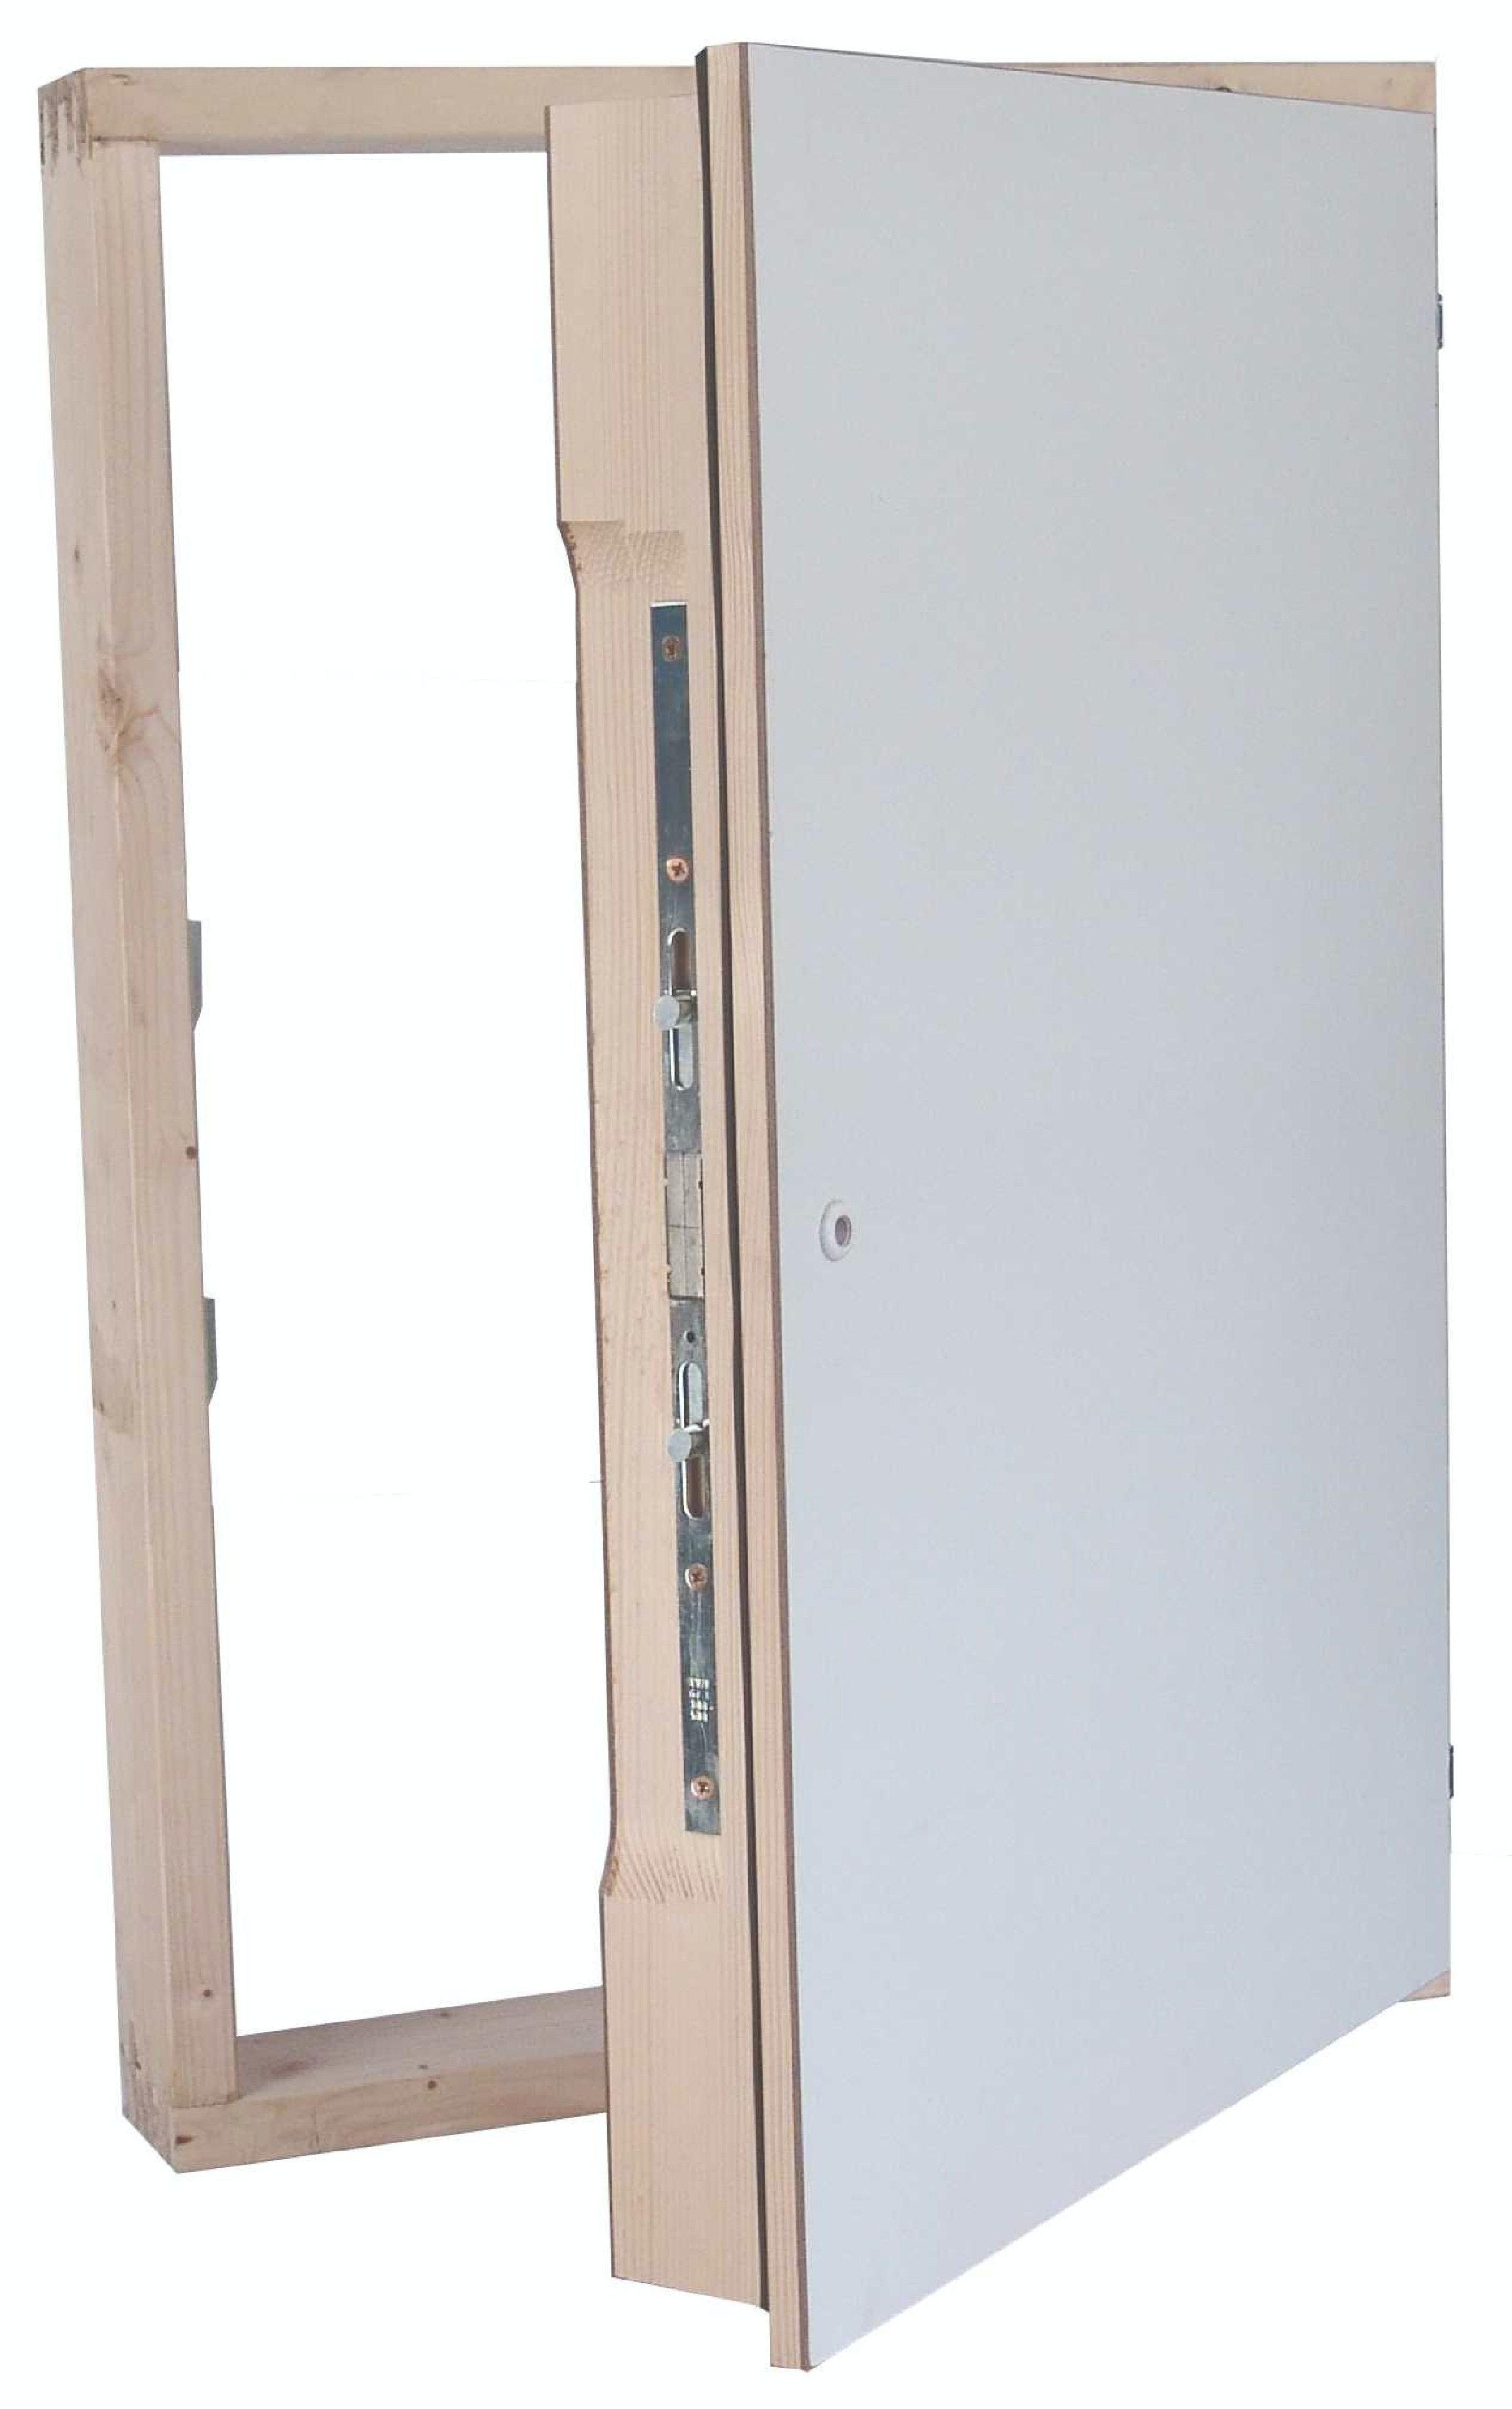 Inspektionslucka Byggera 540x790mm